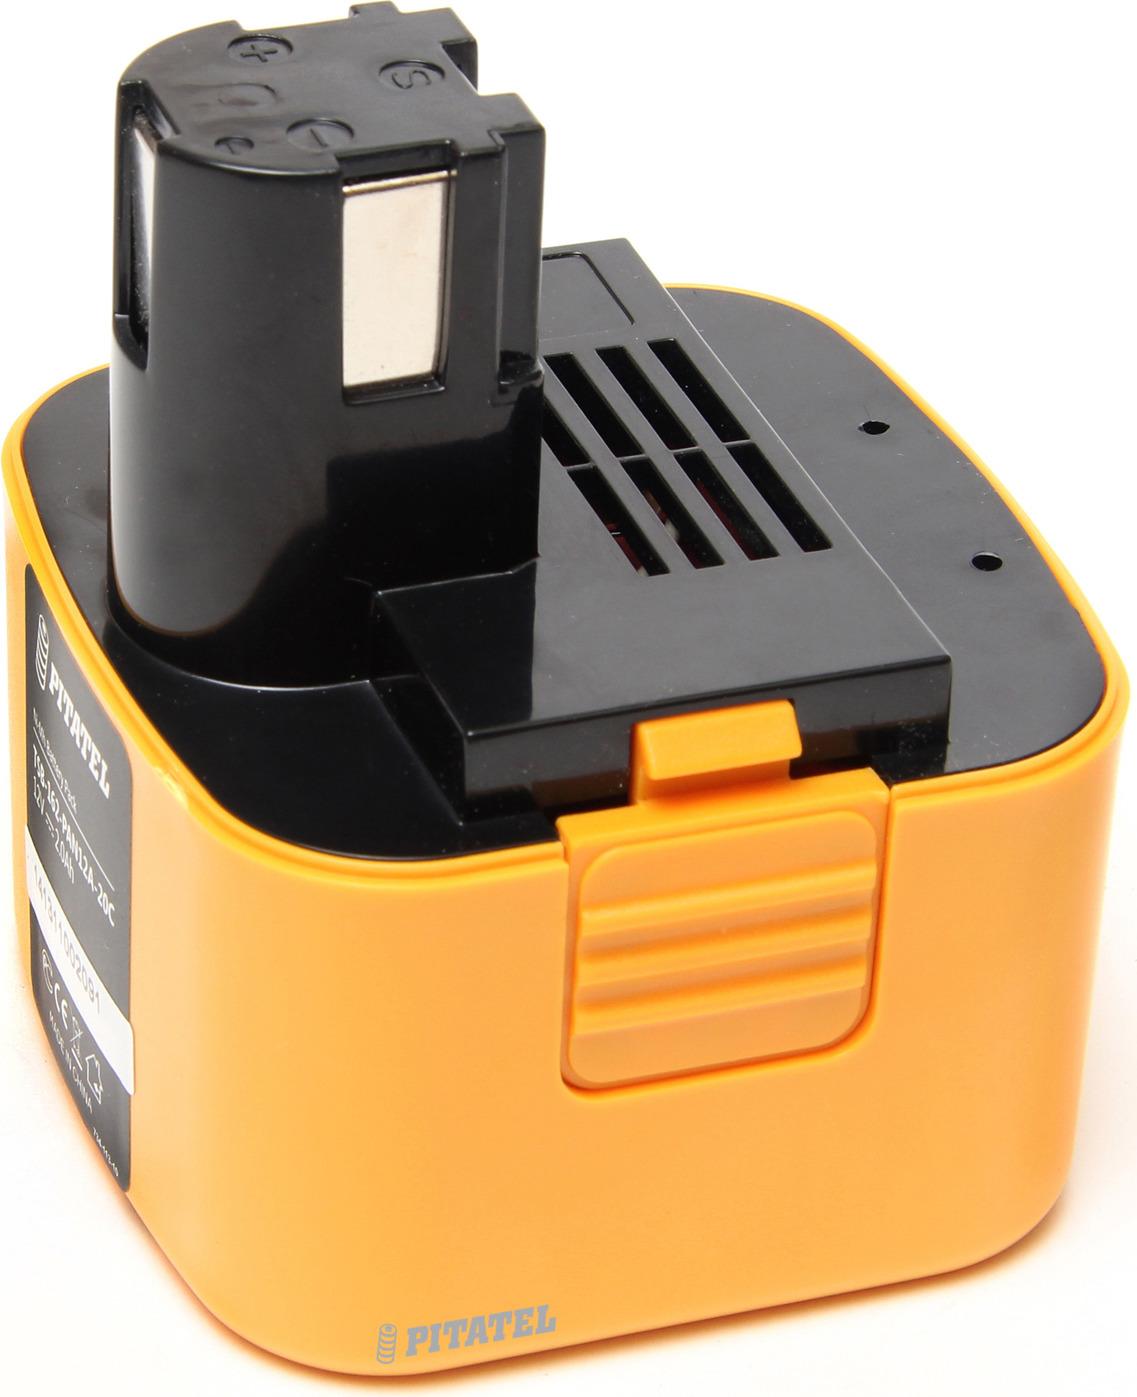 Аккумулятор для инструмента Pitatel TSB-162-PAN12A-20C для PANASONIC, оранжевый, черный аккумулятор для инструмента pitatel для panasonic tsb 182 pan24 30m